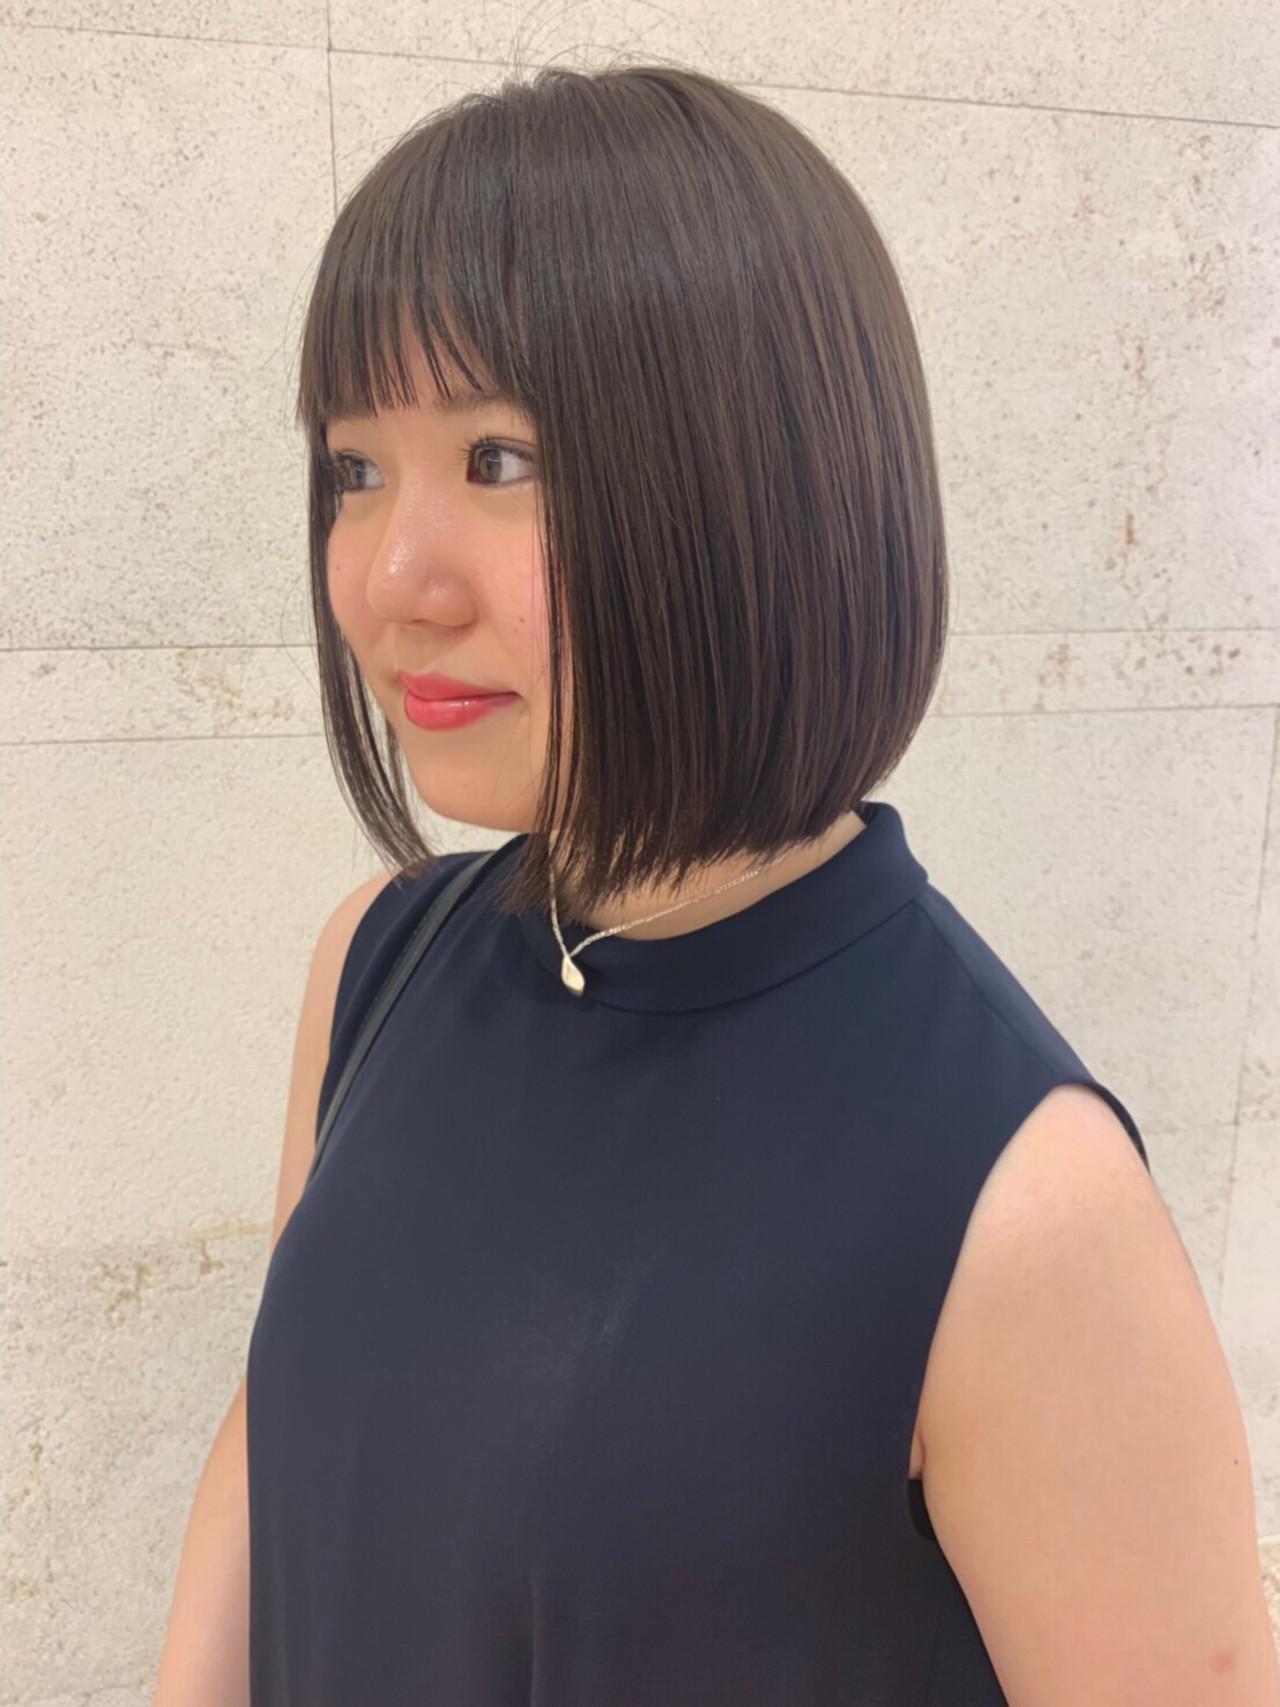 デート グレージュ ボブ ナチュラル ヘアスタイルや髪型の写真・画像 | 坂口 南 / kakimoto arms二子玉川